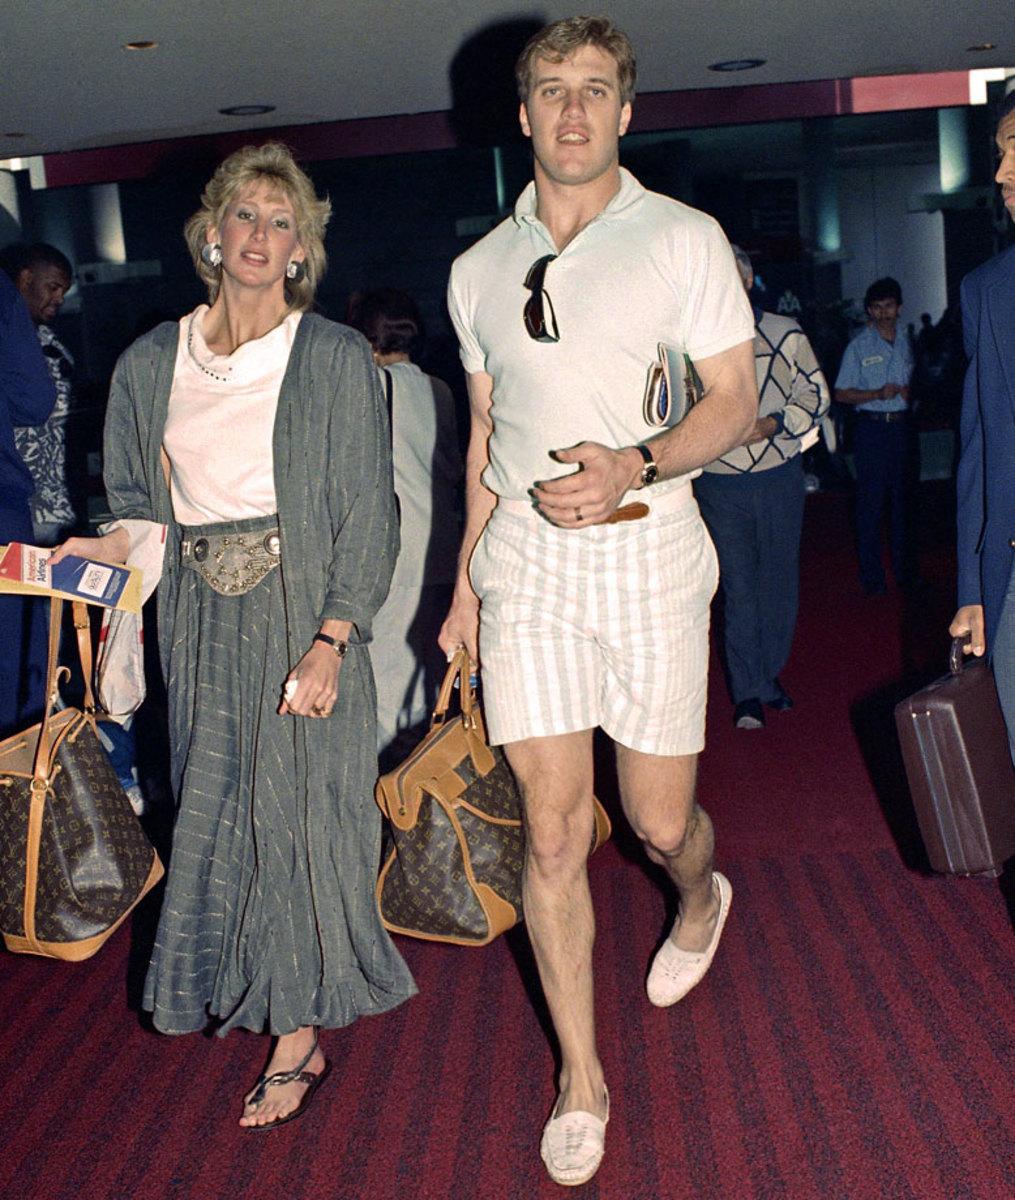 1988-john-elway-wife-janet.jpg